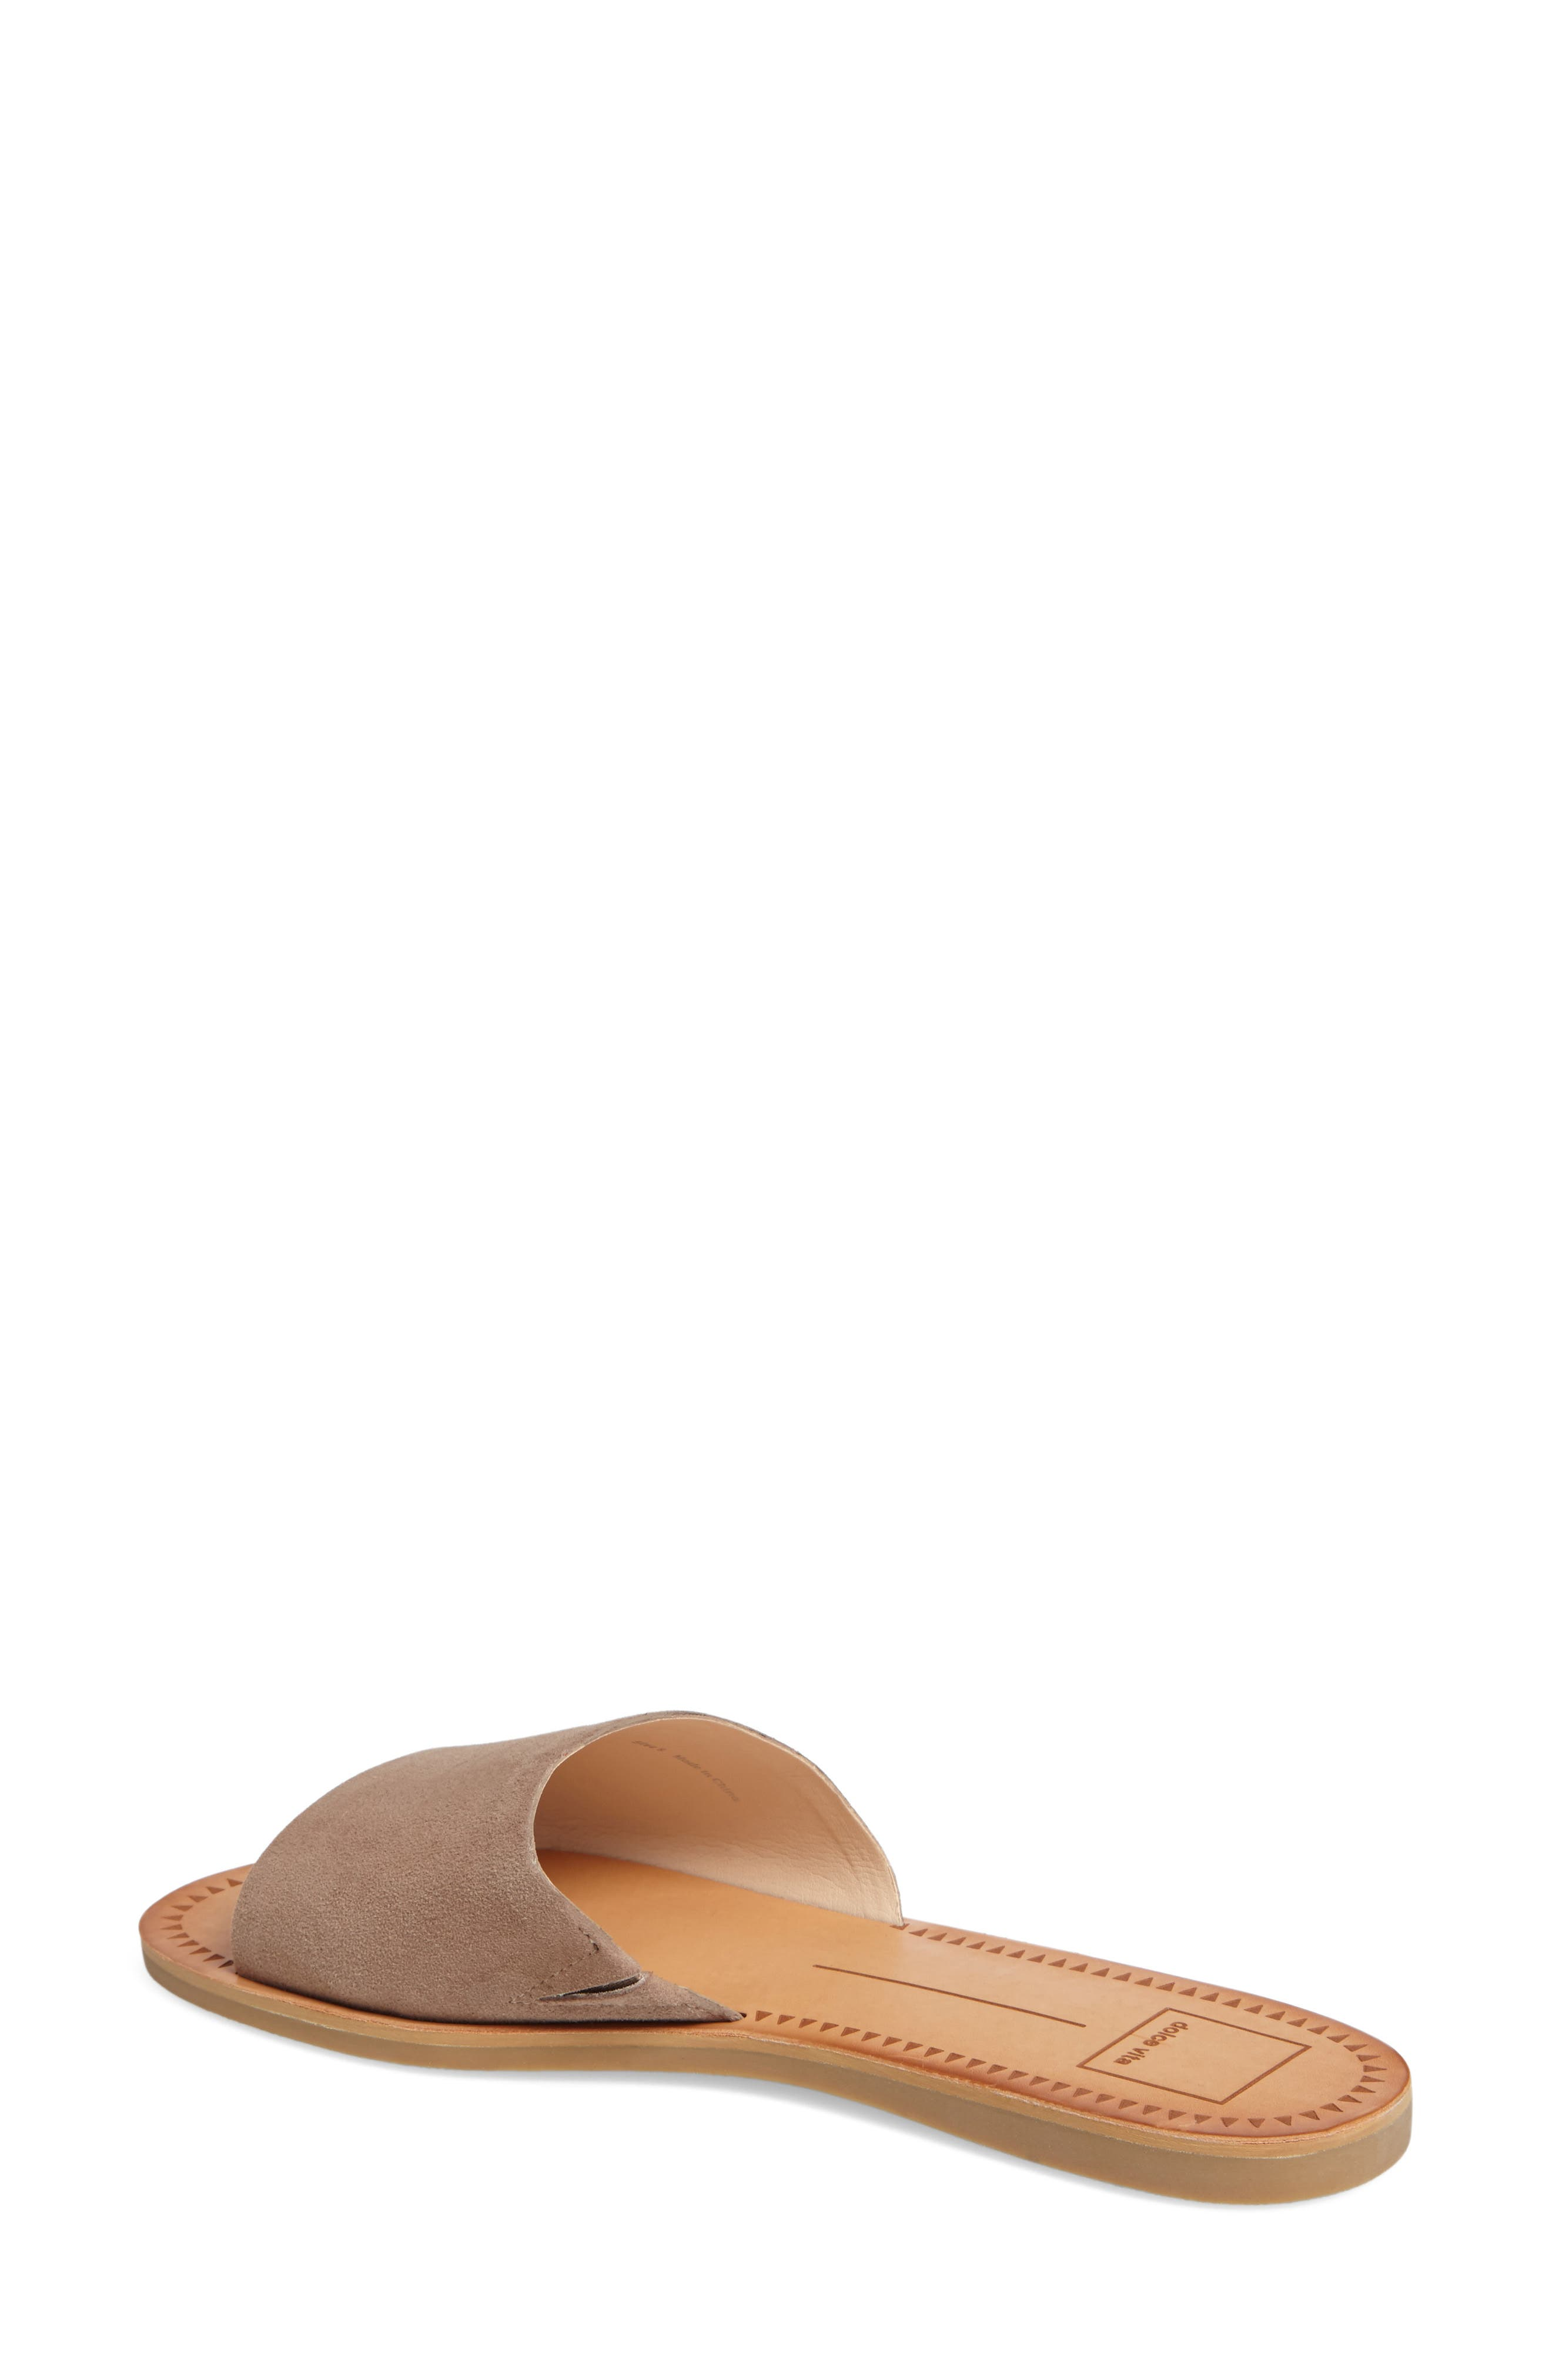 Alternate Image 2  - Dolce Vita 'Javier' Slide Sandal (Women)